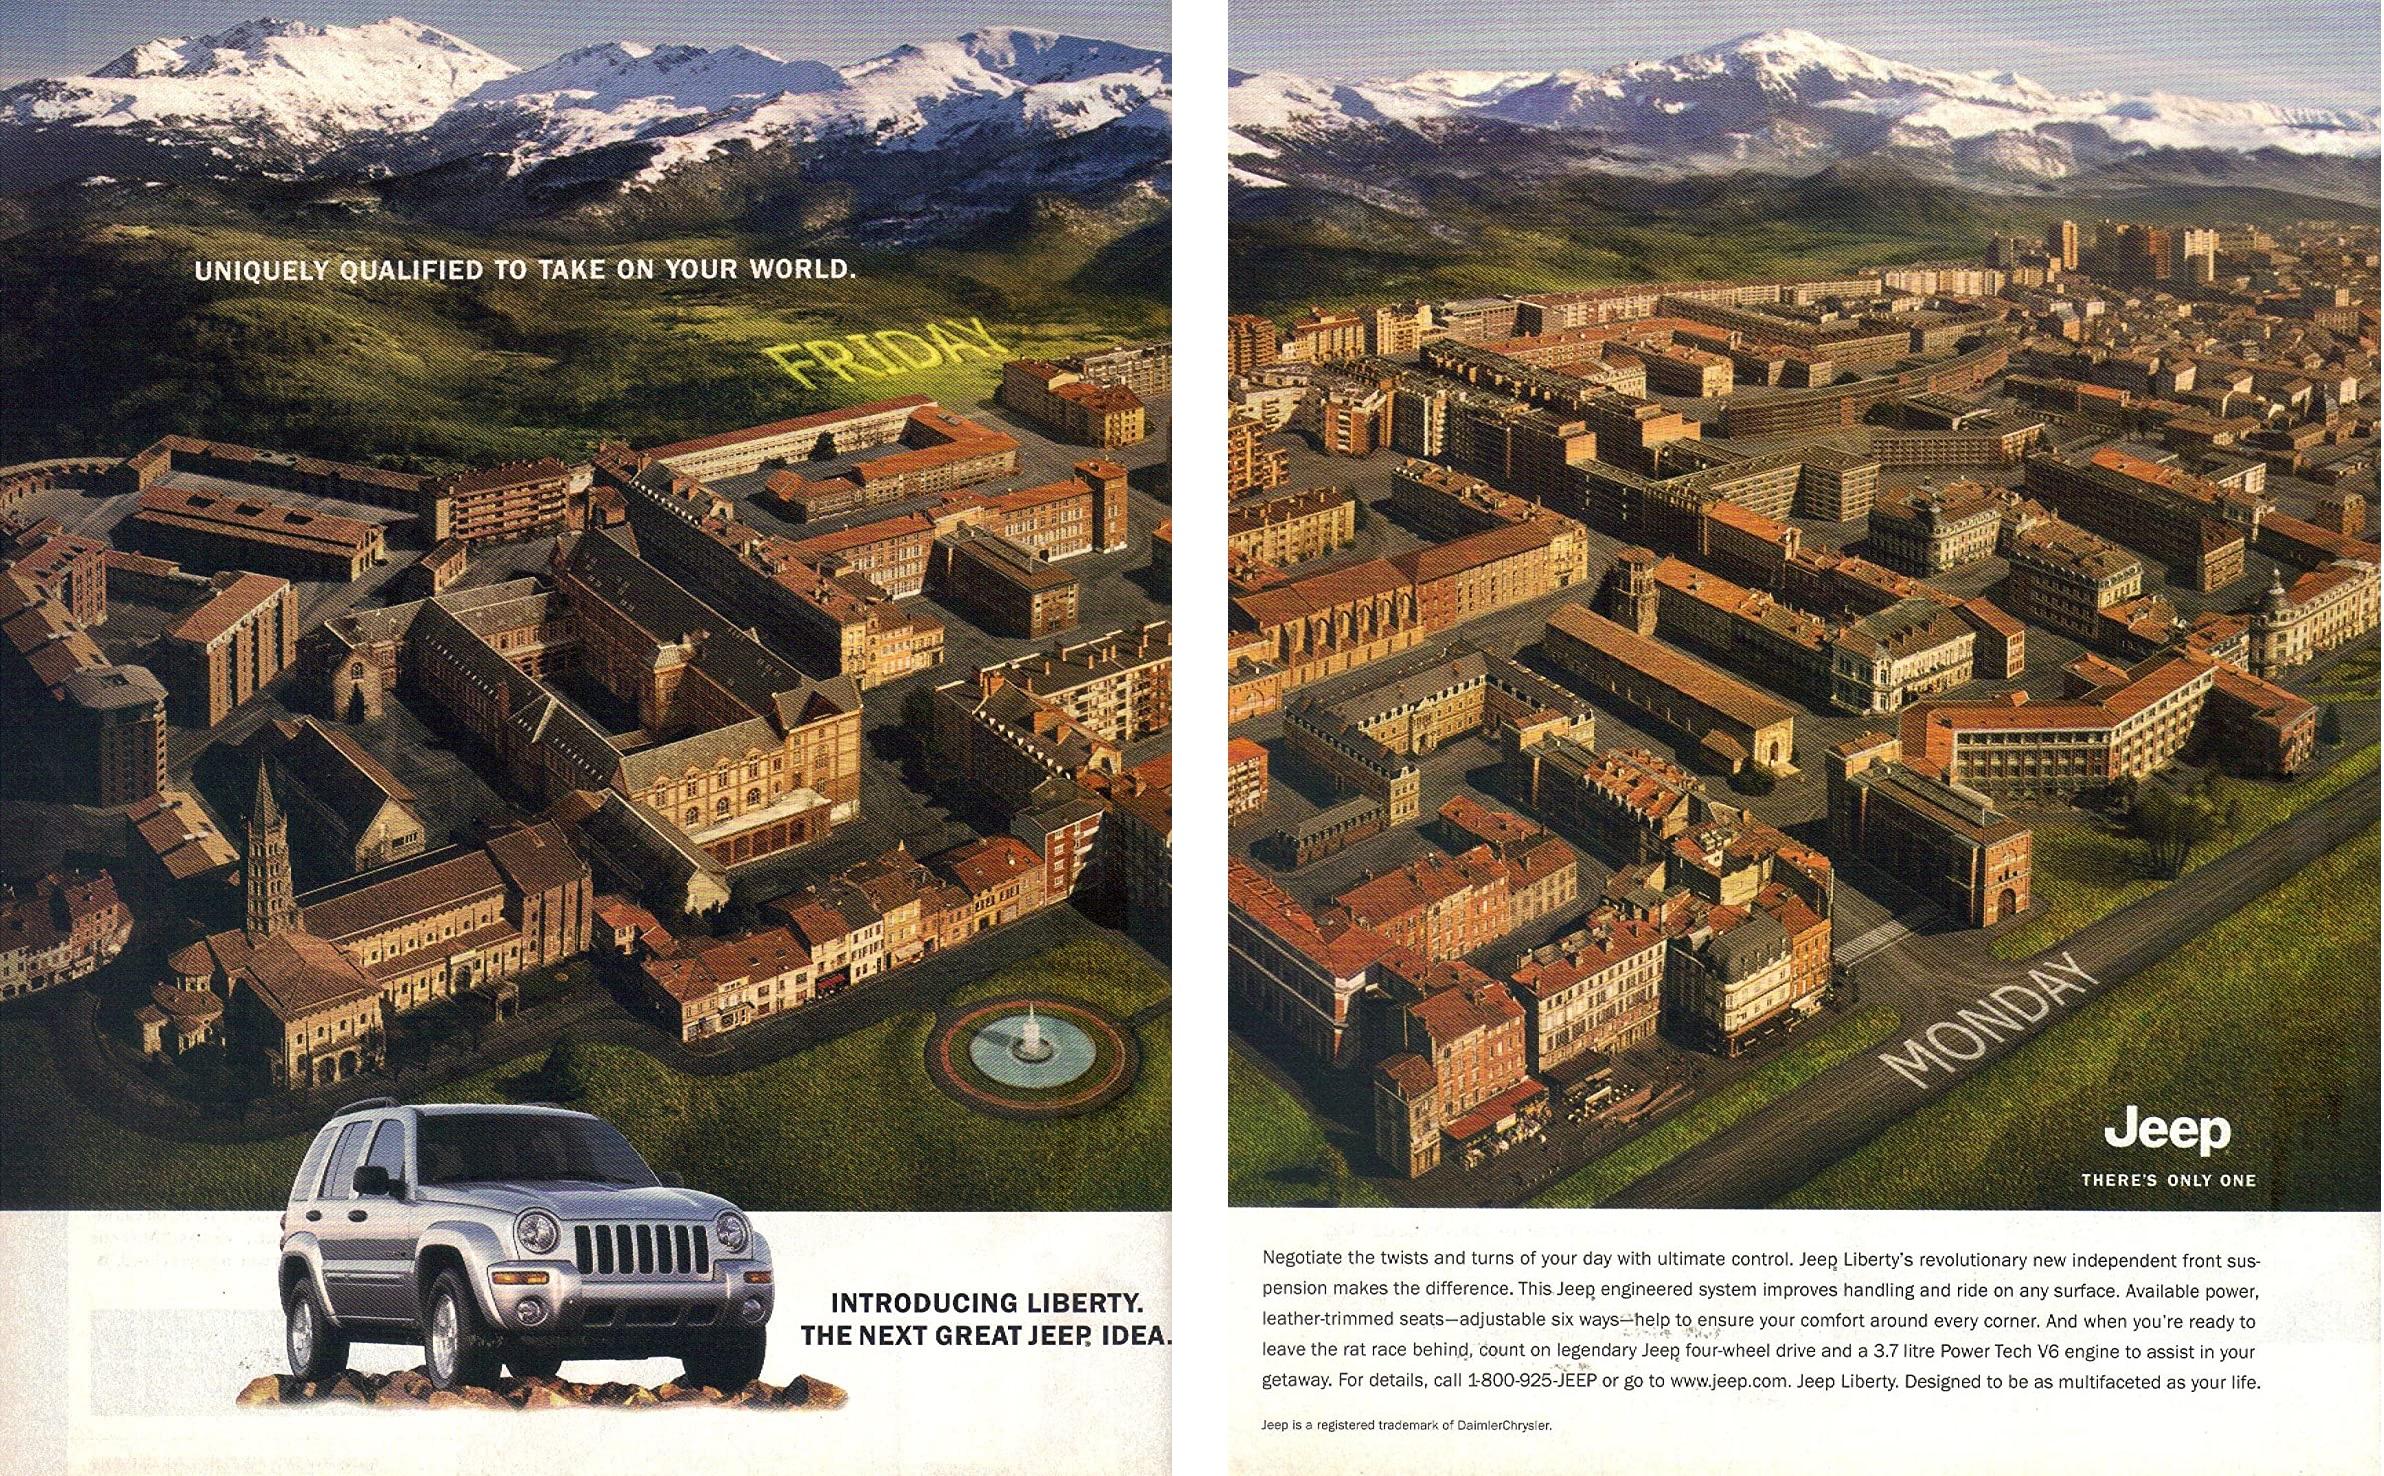 2002 Jeep Liberty Specialement qualifiee pour affronter votre monde